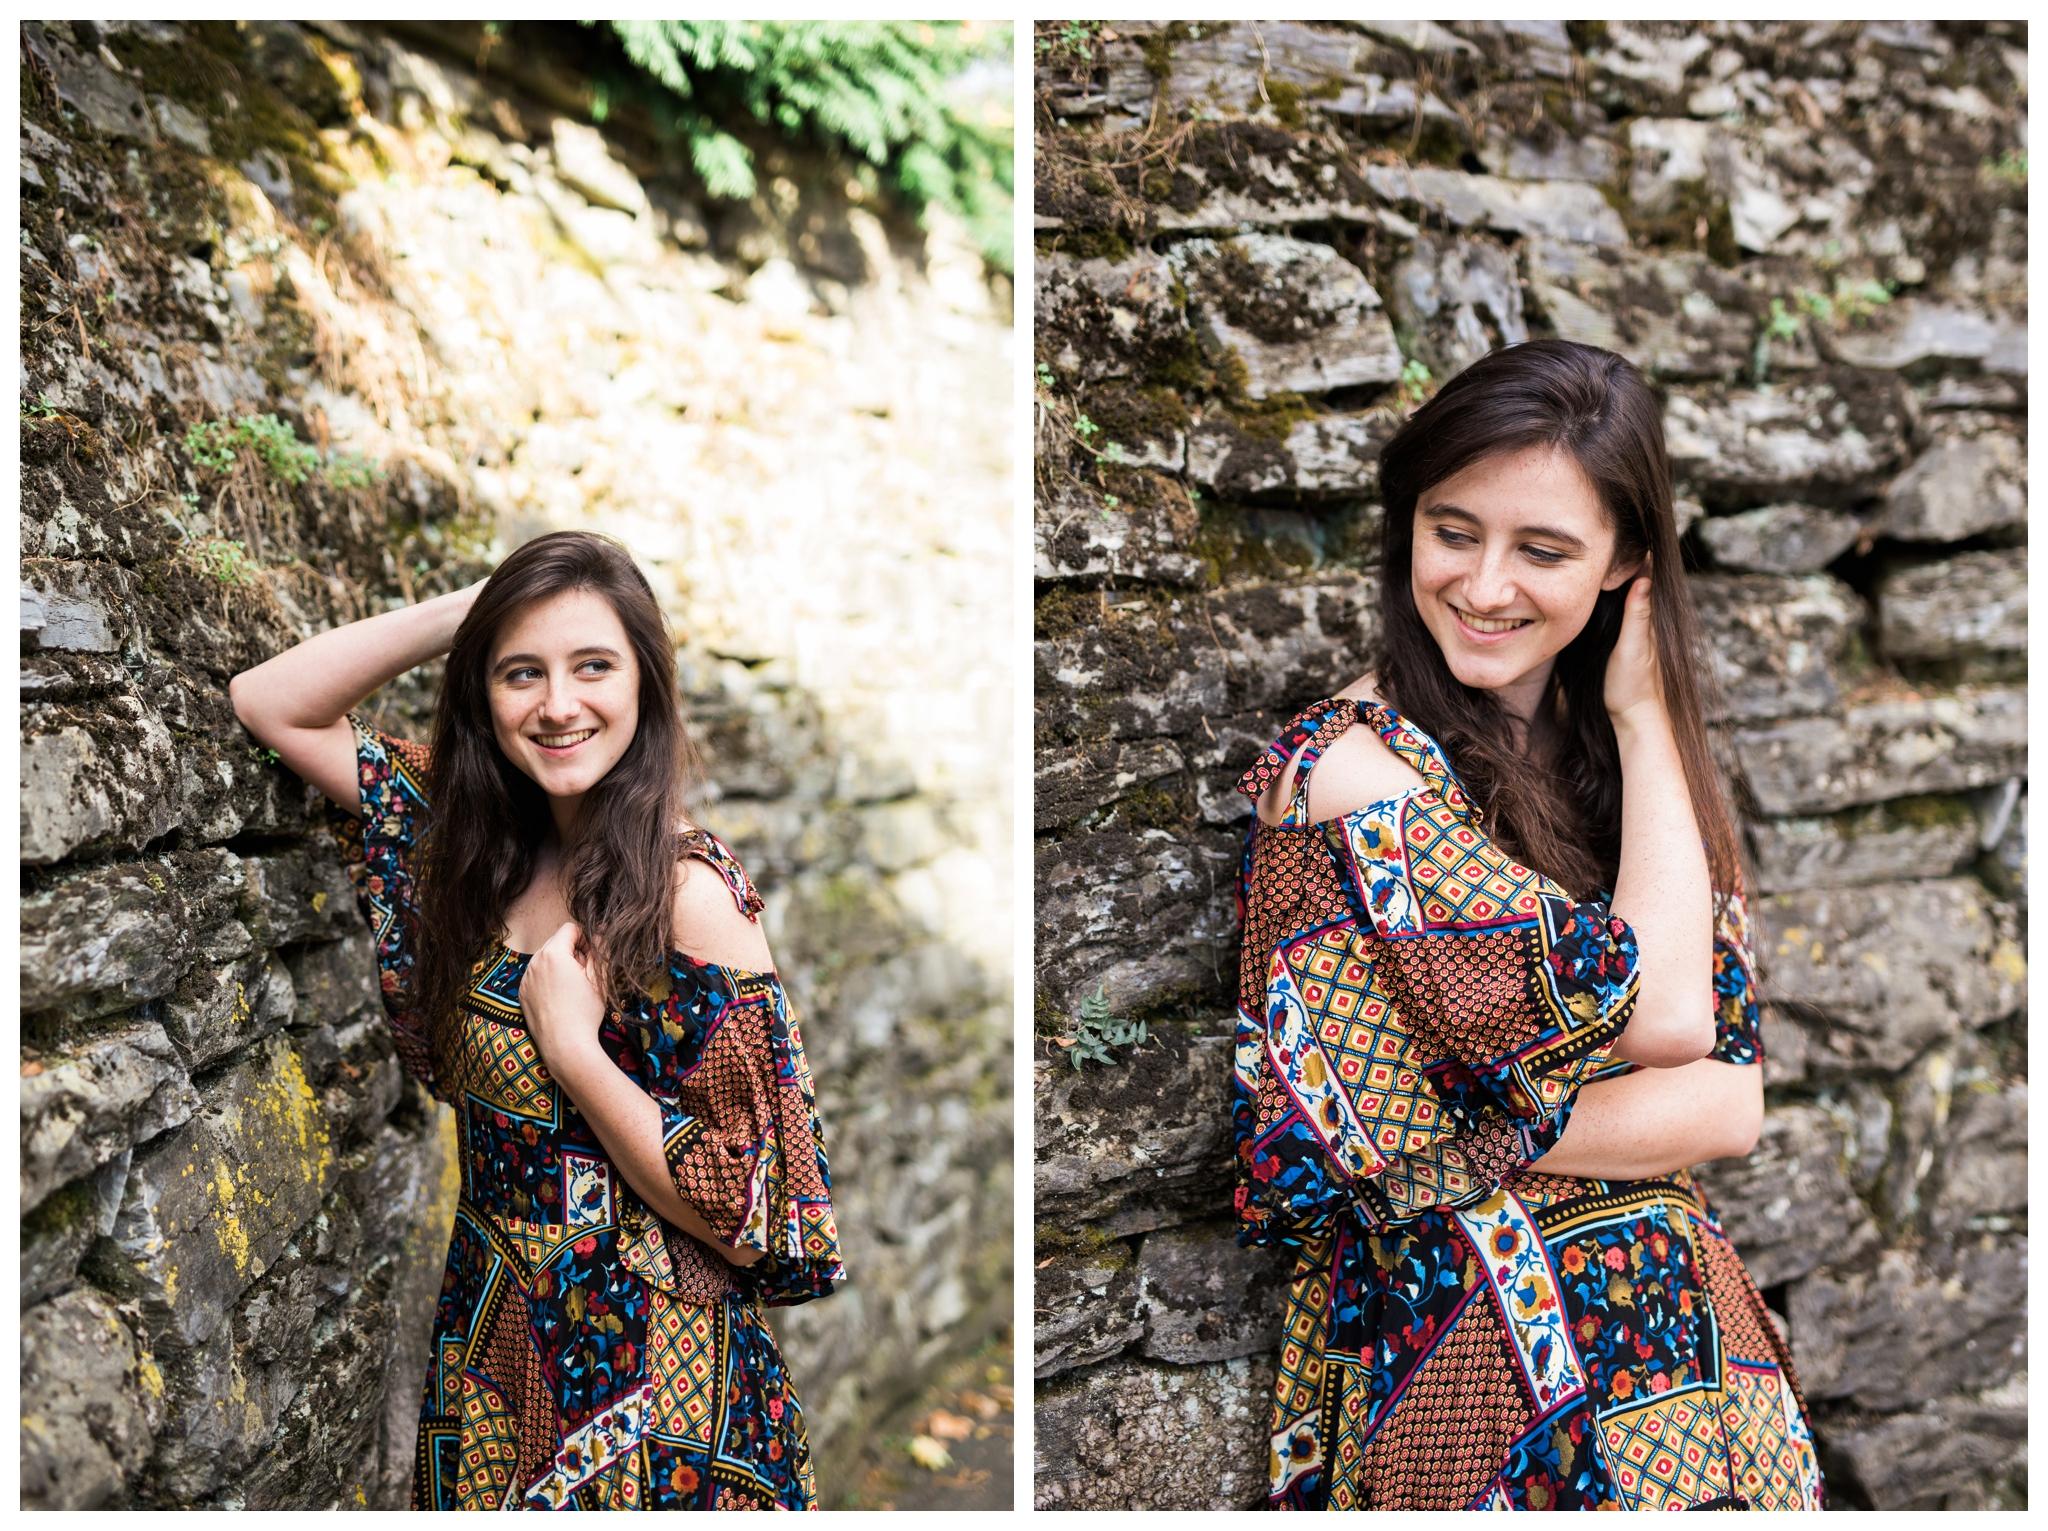 lancaster-senior-portrait-photographer_0005.jpg